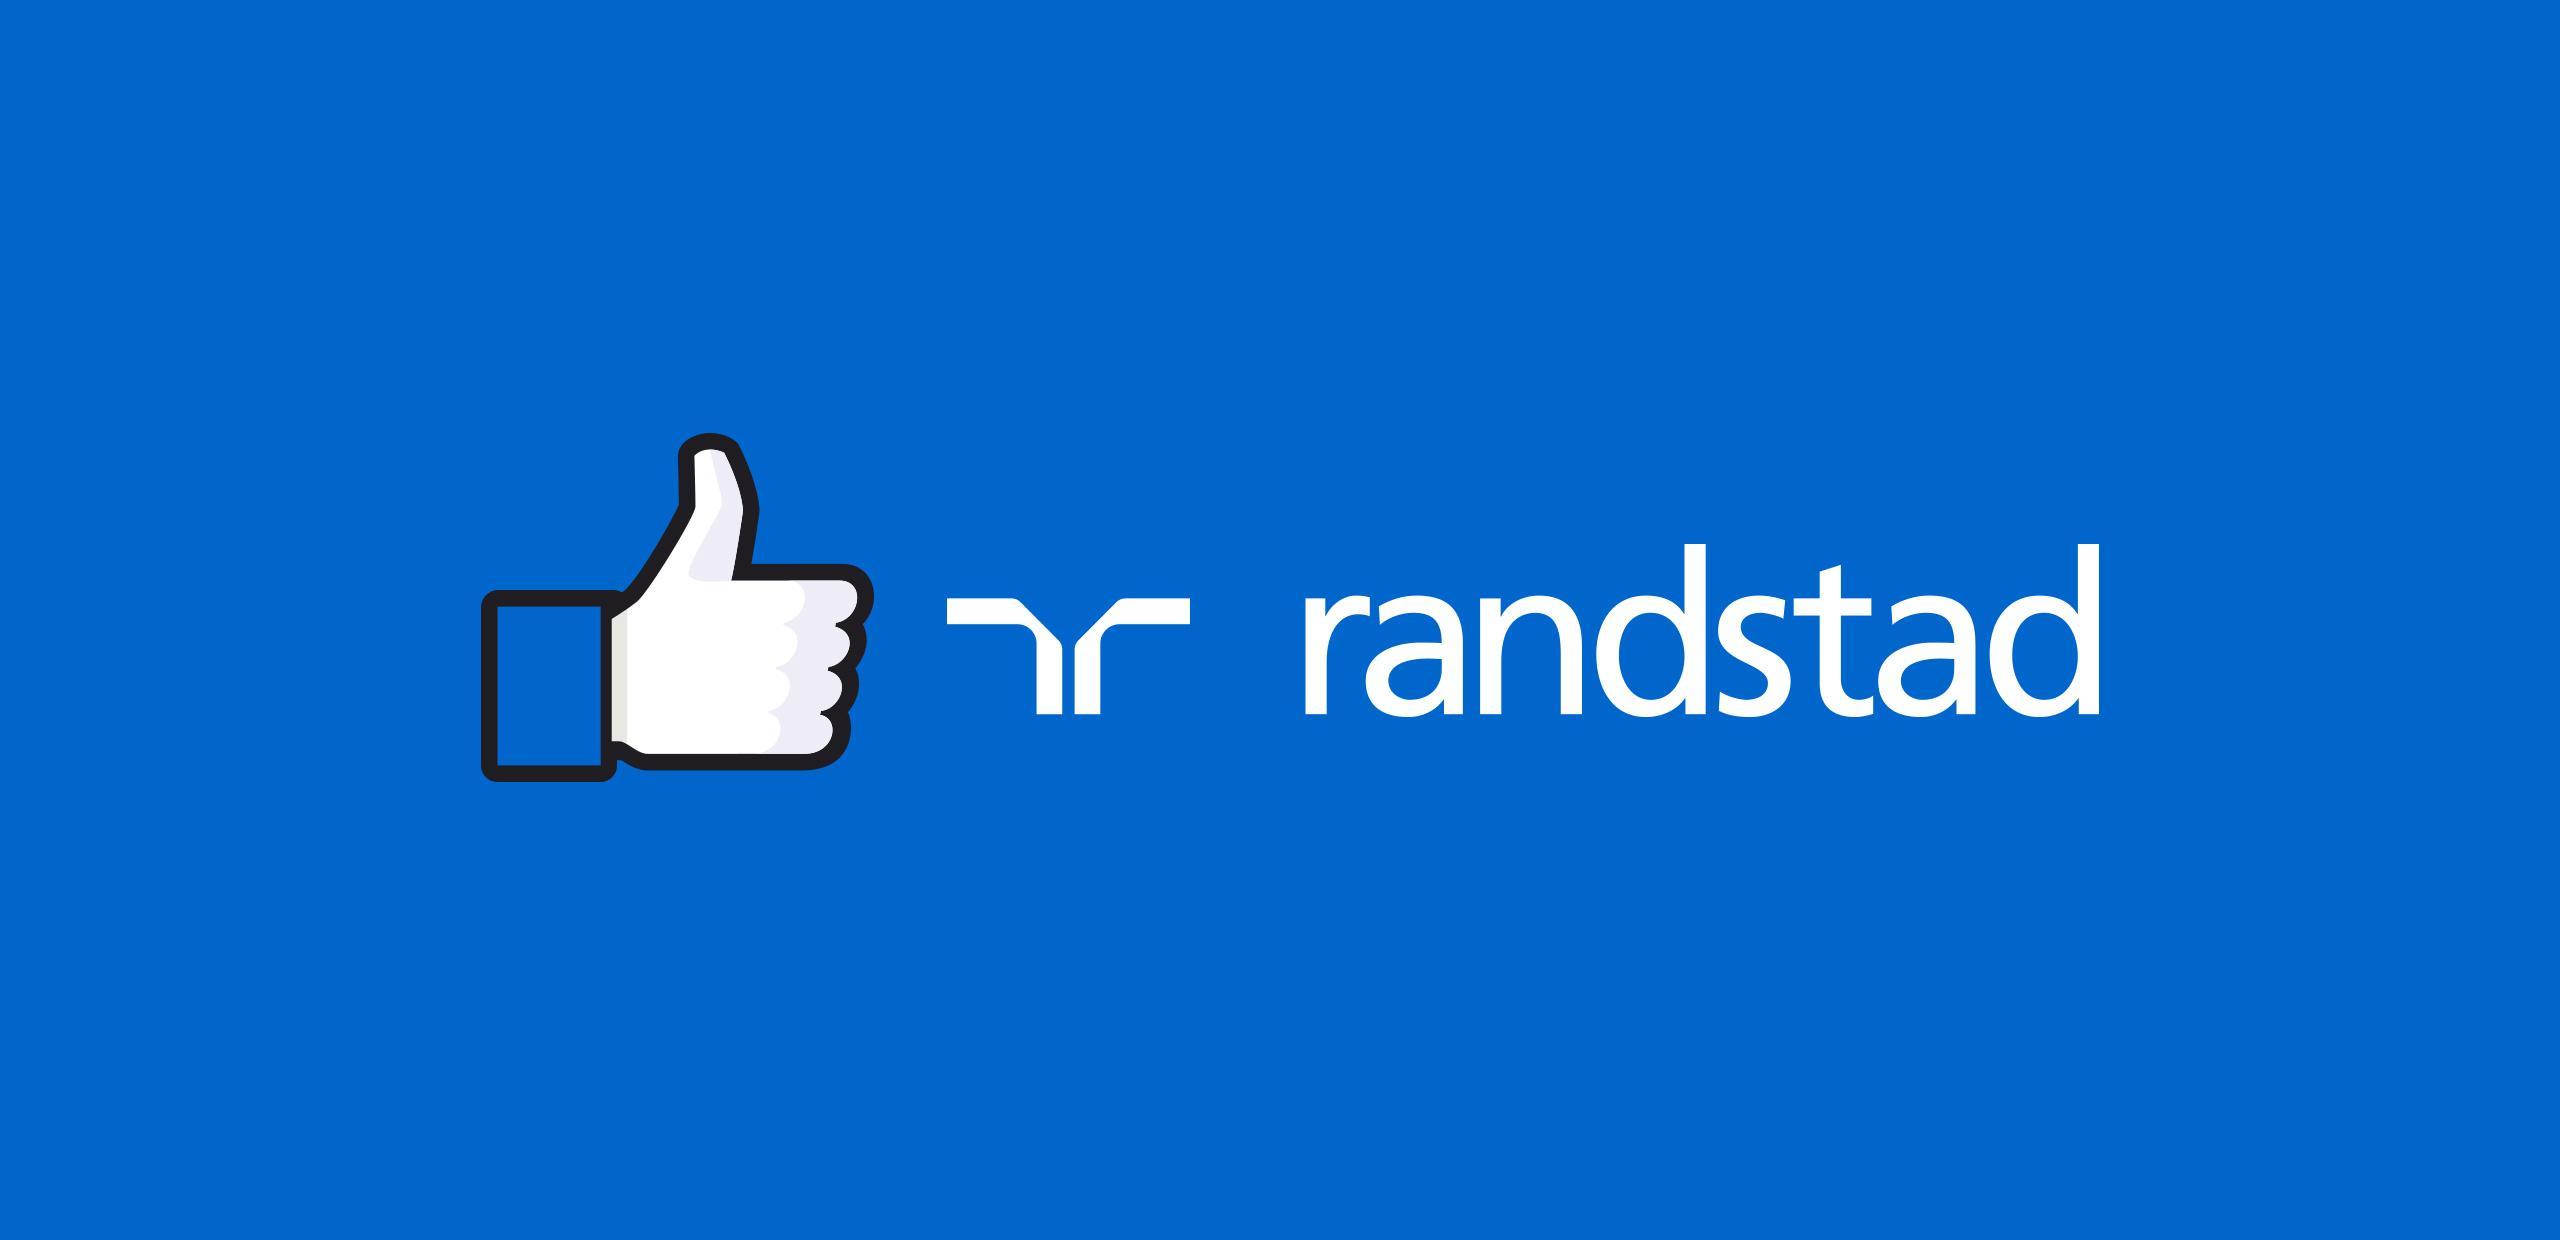 randstad_case01_header_2560x1240